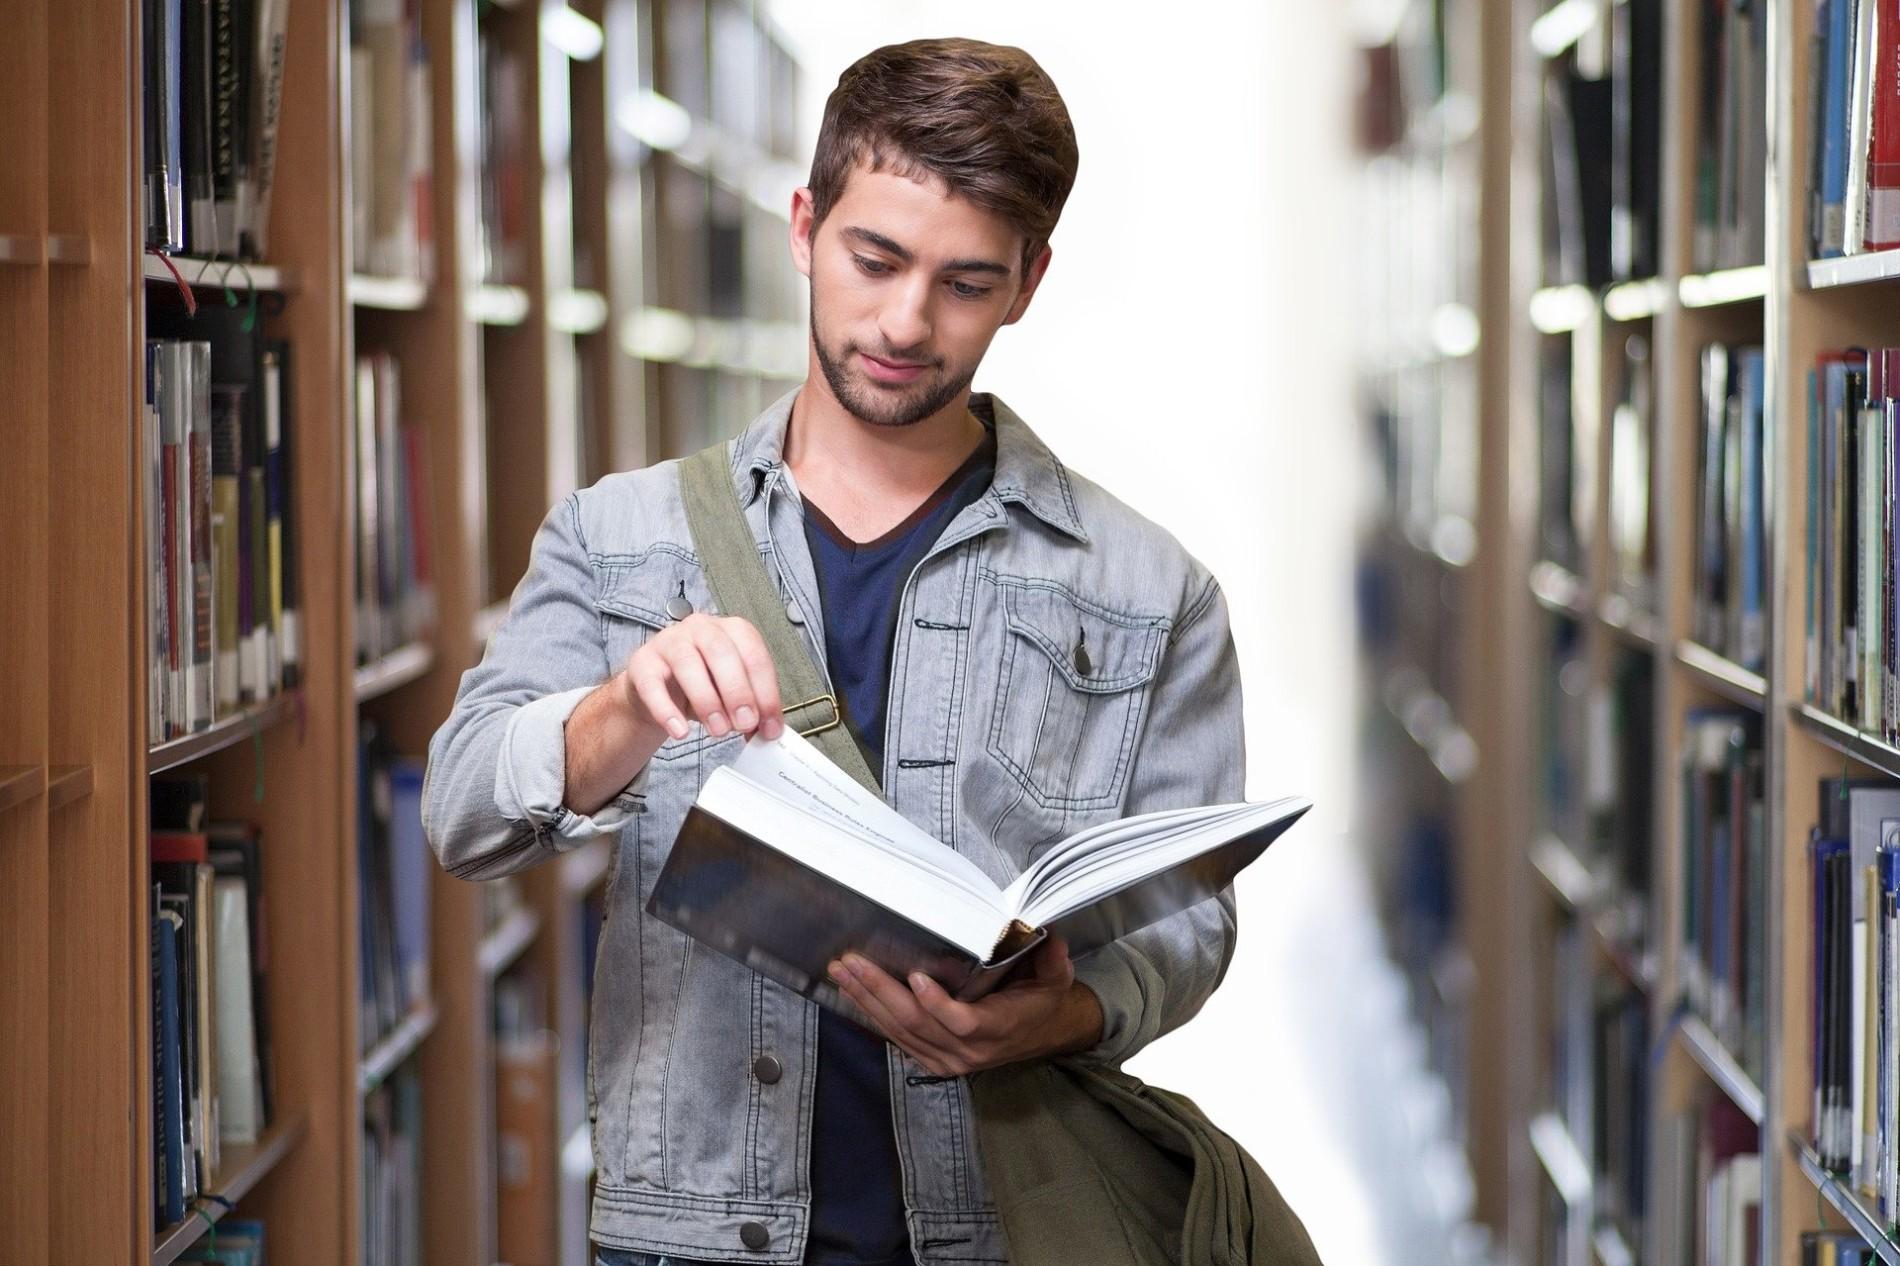 Abschlussarbeiten in der Streutalallianz (Foto: pixabay)